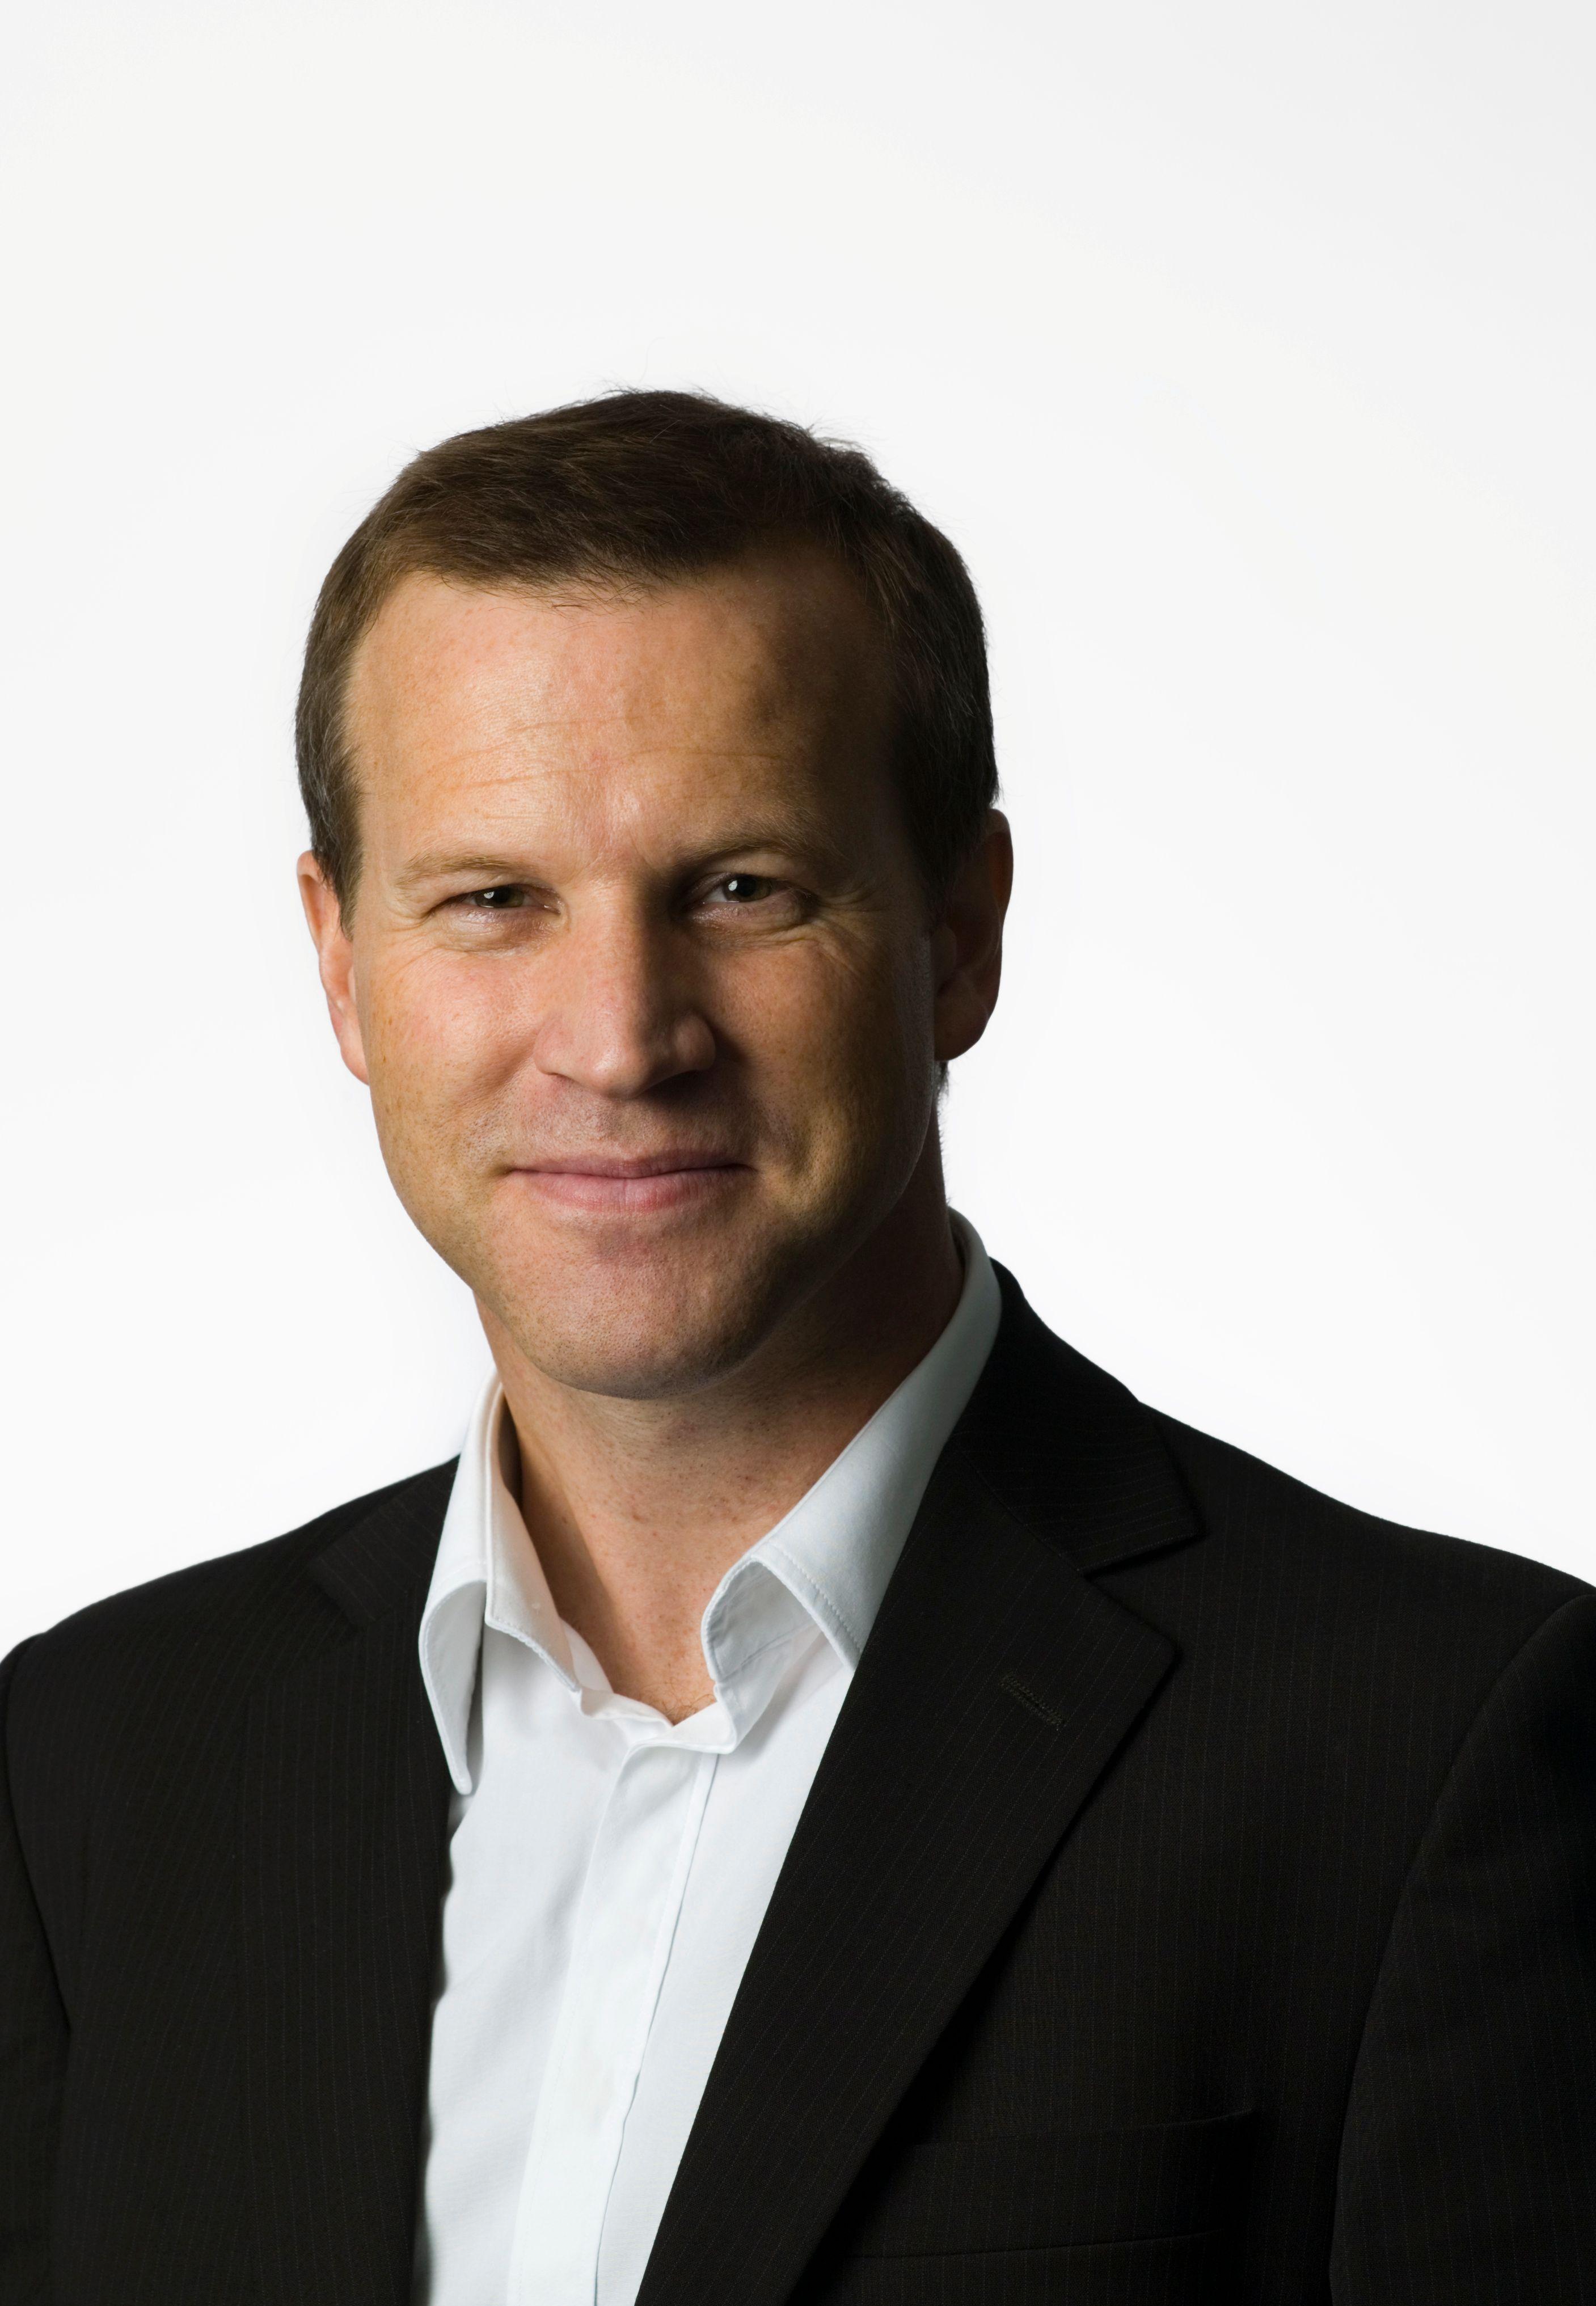 Informasjonssef i Telenor Anders Krokan sier at mobilnettet holdt mål på denne mørke dagen i norsk historie.